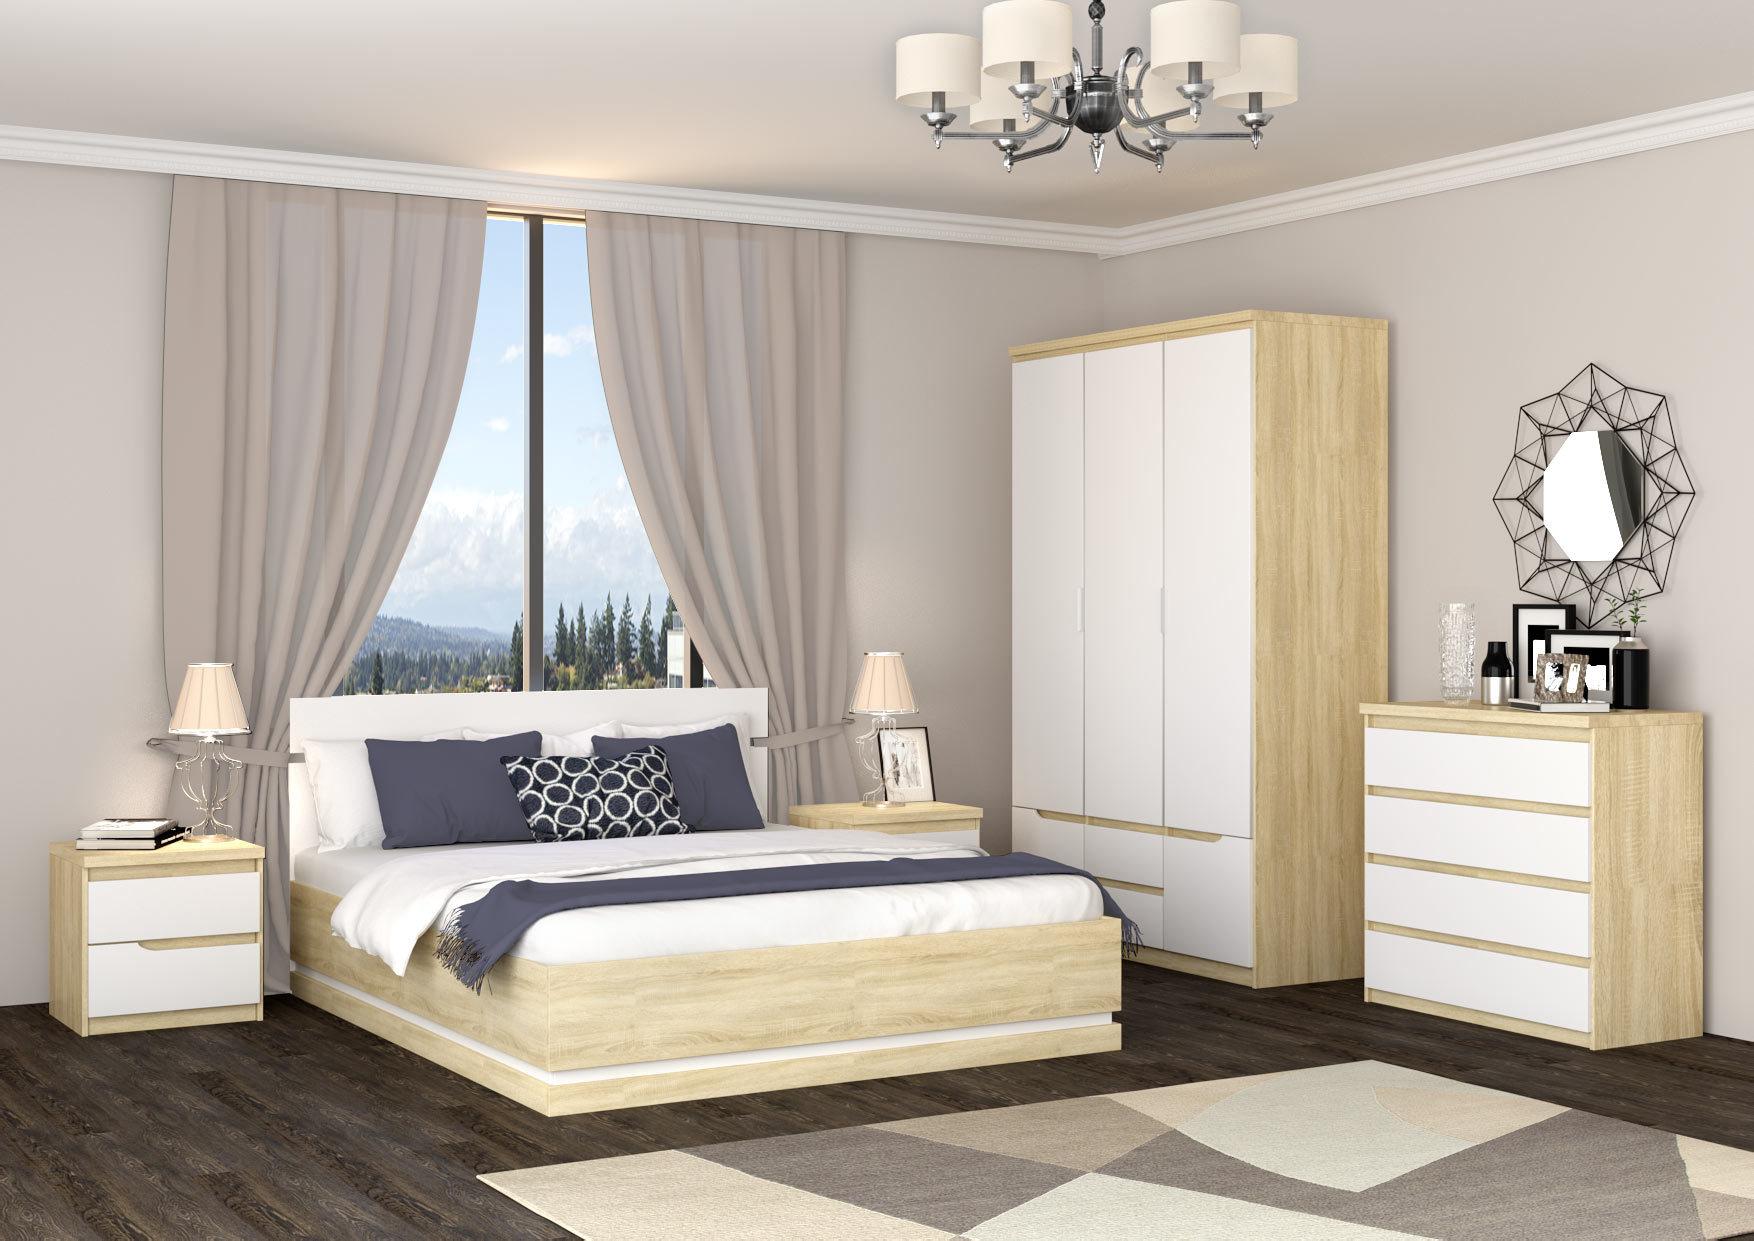 Спальный гарнитур «ЛЮКСОР» (цвет - Супер матовый айс светлый) - купить в Перми в интернет-магазине Эстель